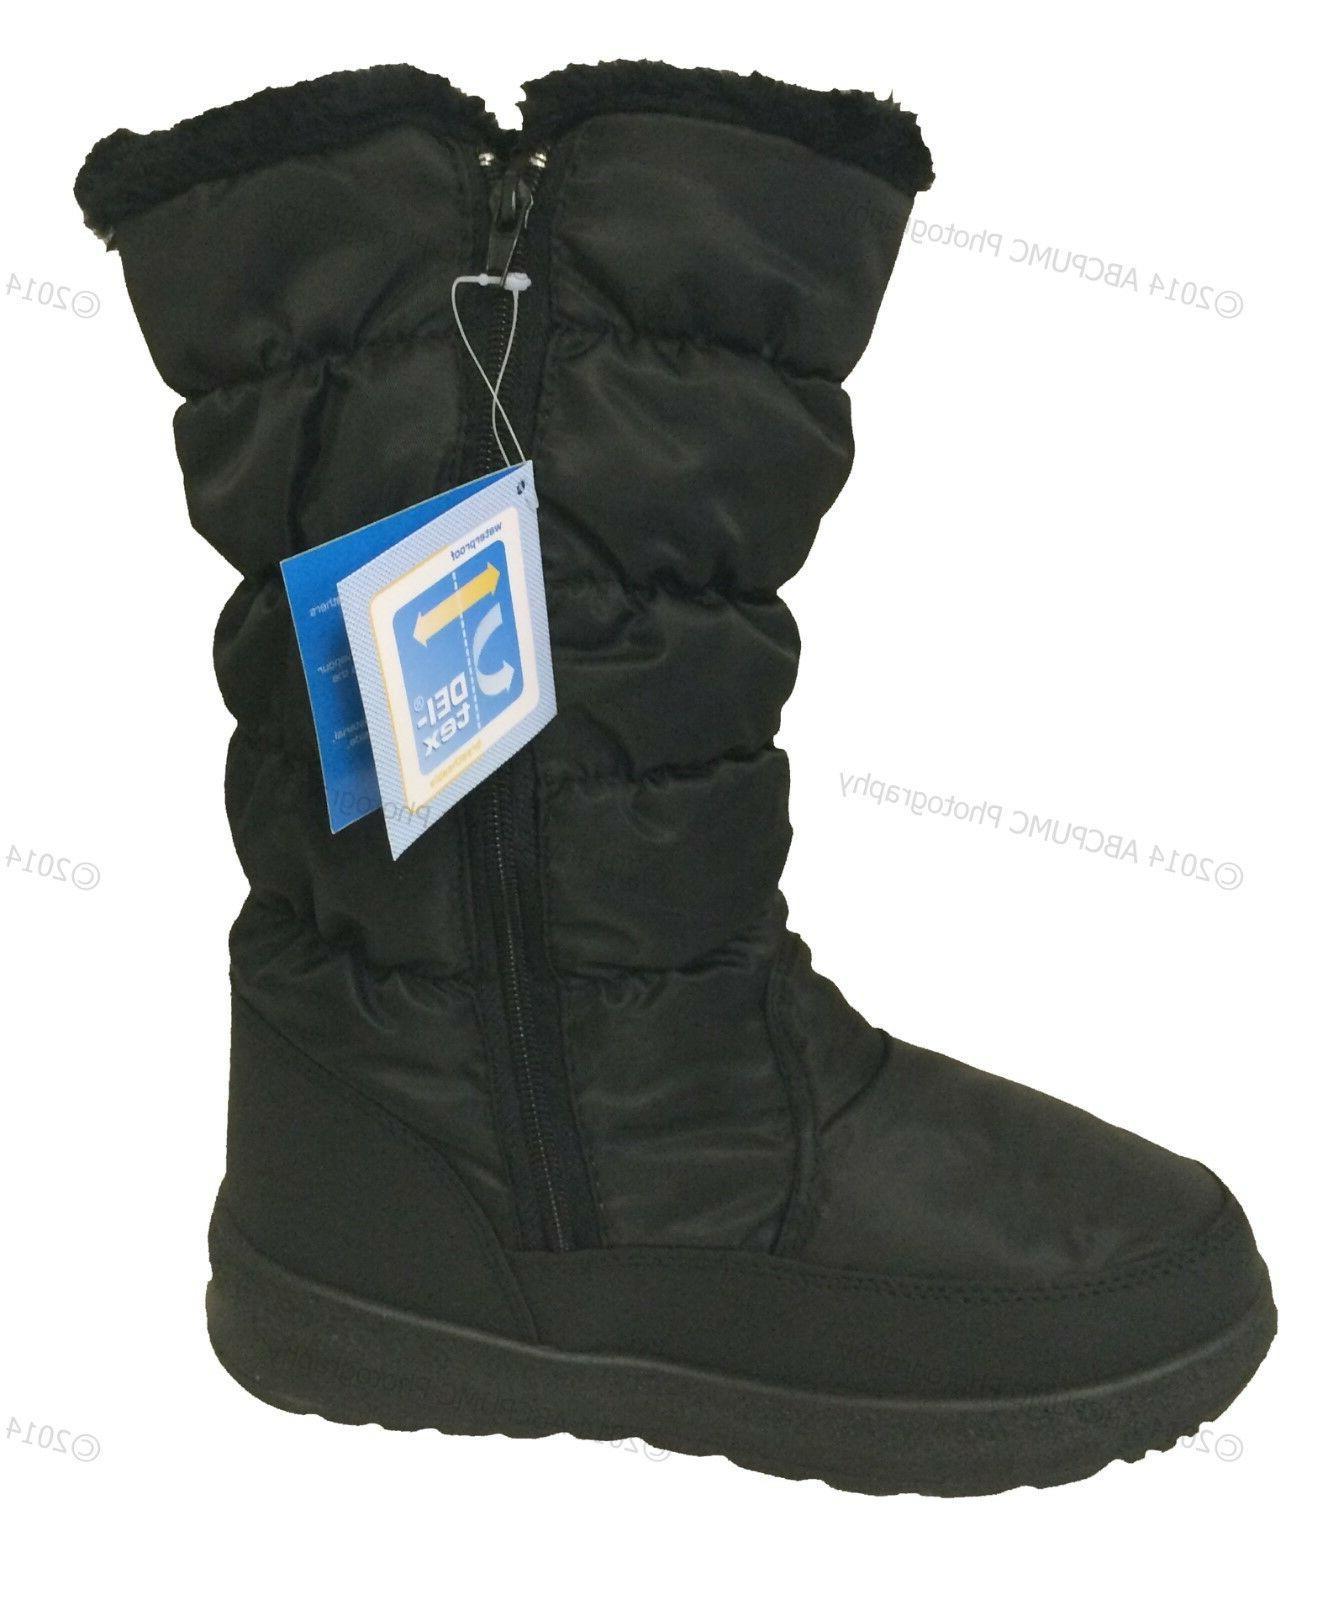 New Fur Zipper Shoes